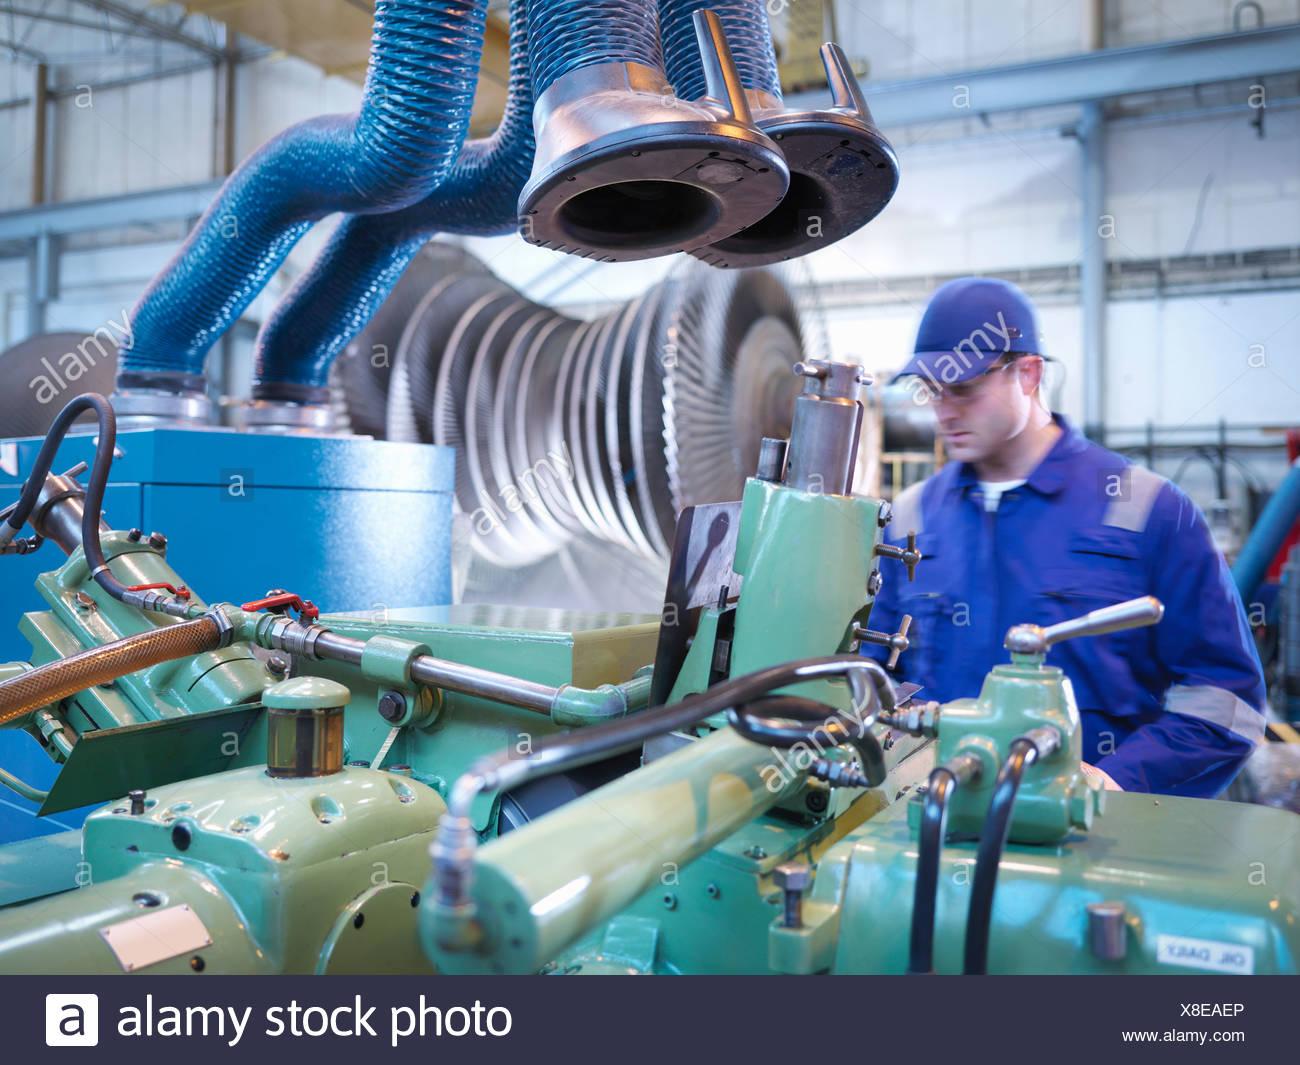 Engineer operating machinery in steam turbine repair workshop - Stock Image